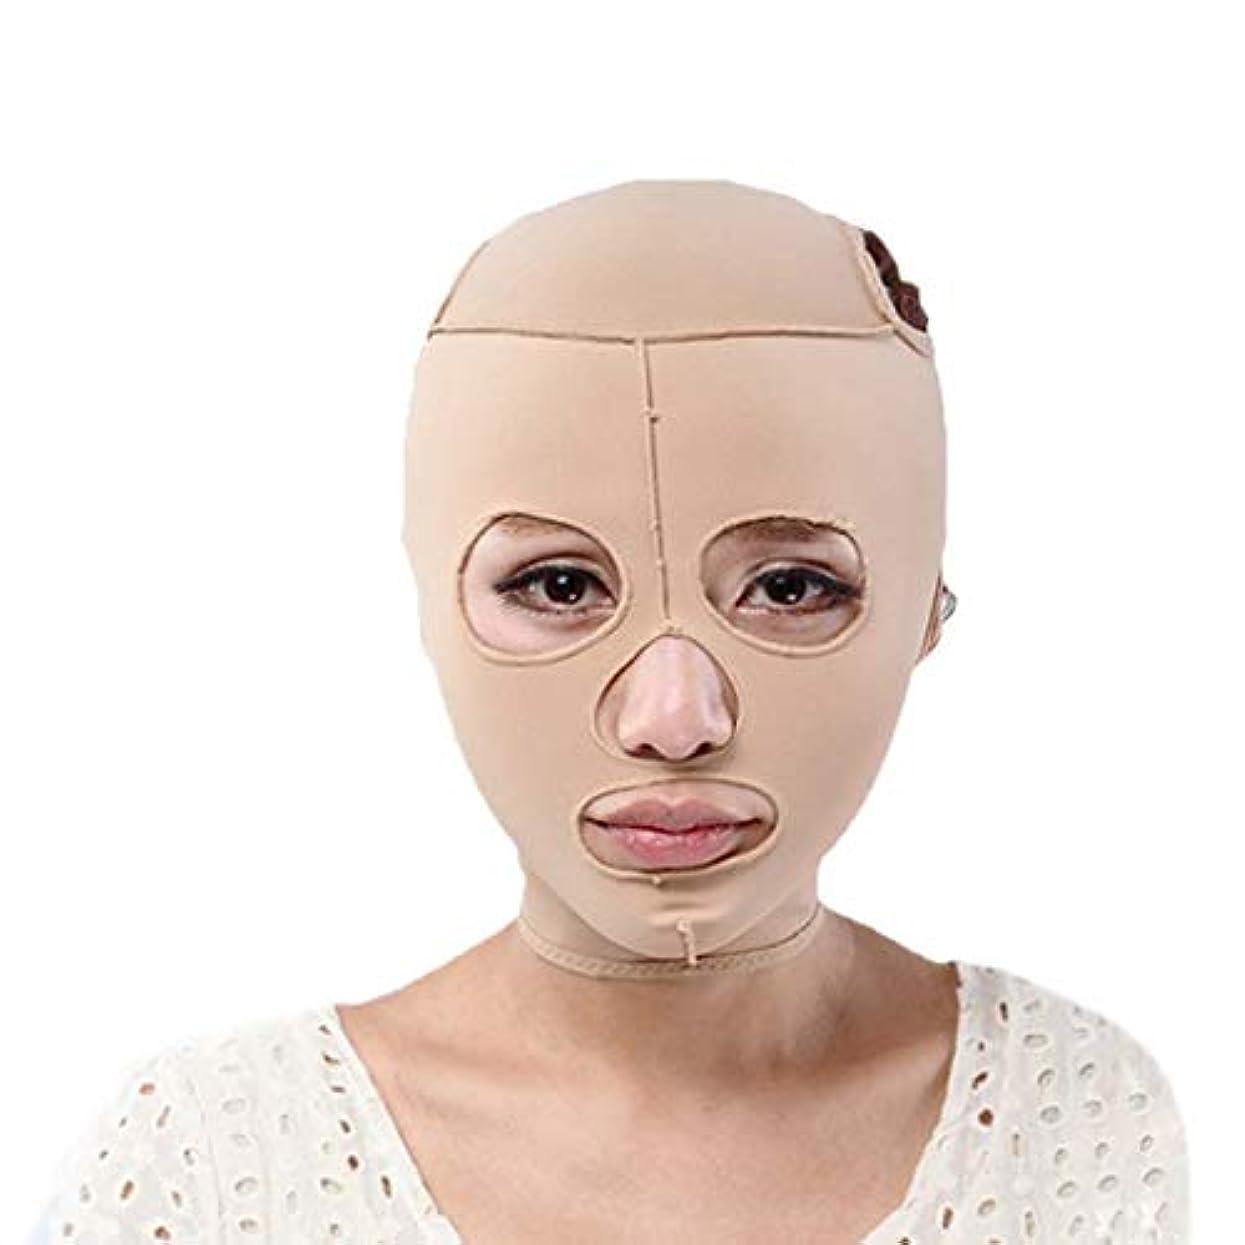 コークス超音速絶滅させるチンストラップ、顔の減量アンチシワマスク、快適な通気性マスク付きオールインクルーシブフェイス、薄型フェイスマスクリフティング包帯引き締め(サイズ:S),XL